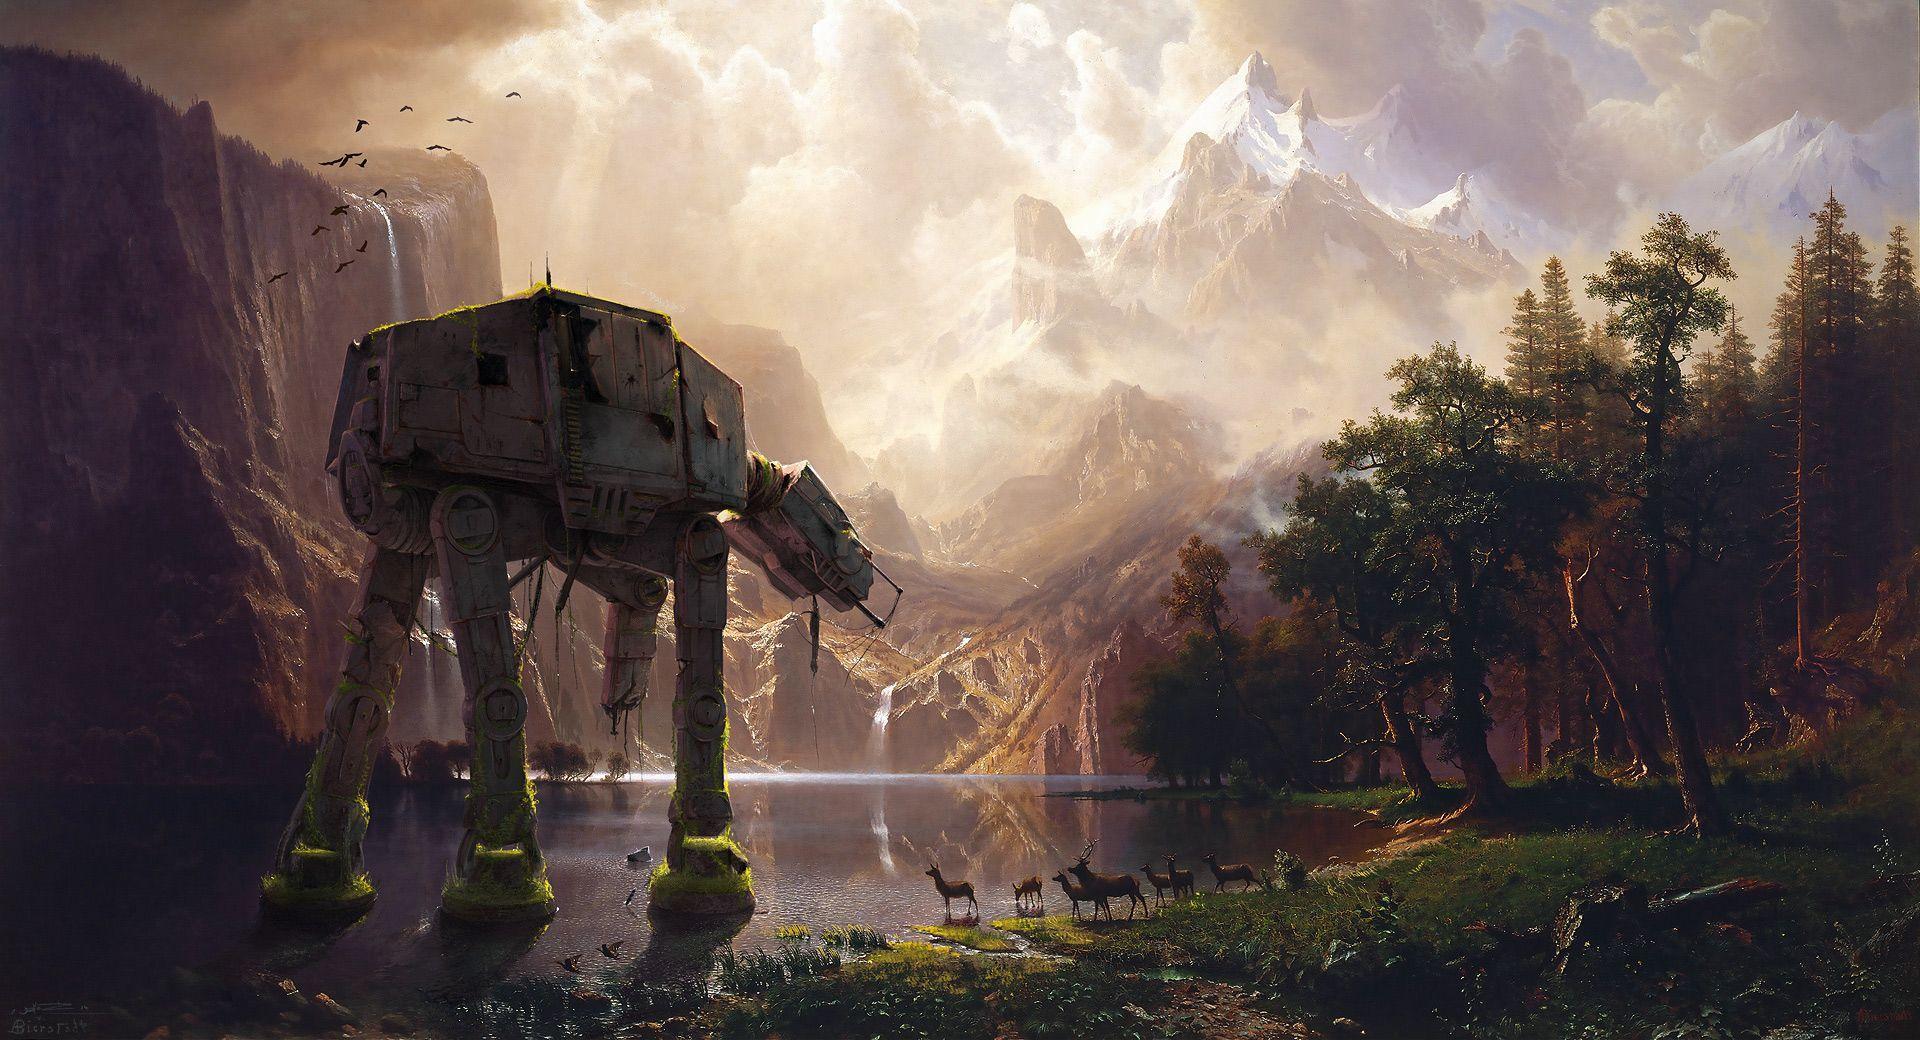 At At Star Wars Wallpapers Top Free At At Star Wars Backgrounds Wallpaperaccess